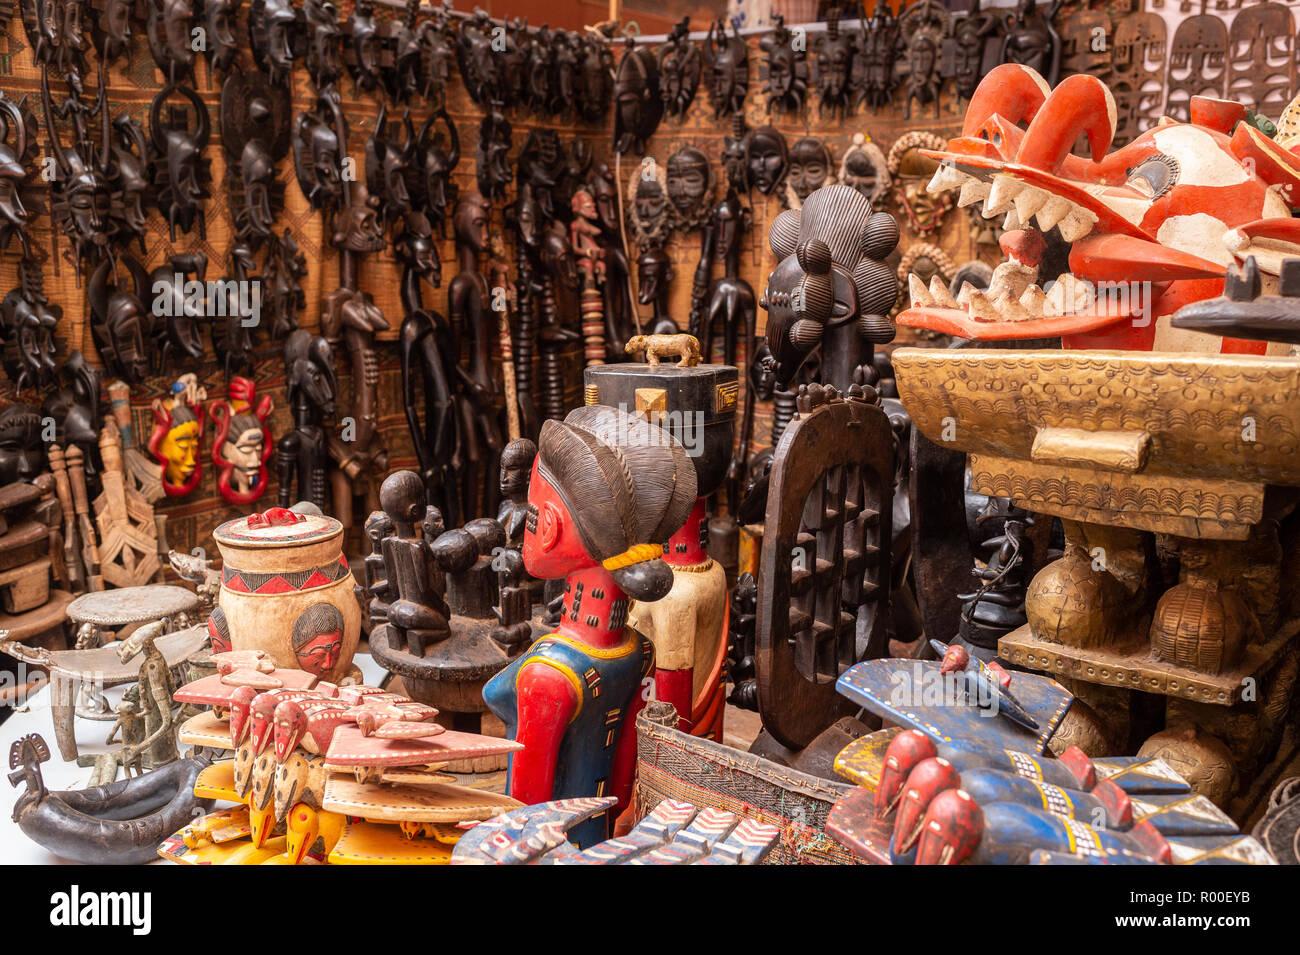 SIAO Ouagadougou, International Arts and Handicrafts Trade Show, regional Fair, 26 Oct. - 04 Nov. 2018, Ougadoungou, Burkina Faso, Africa Stock Photo